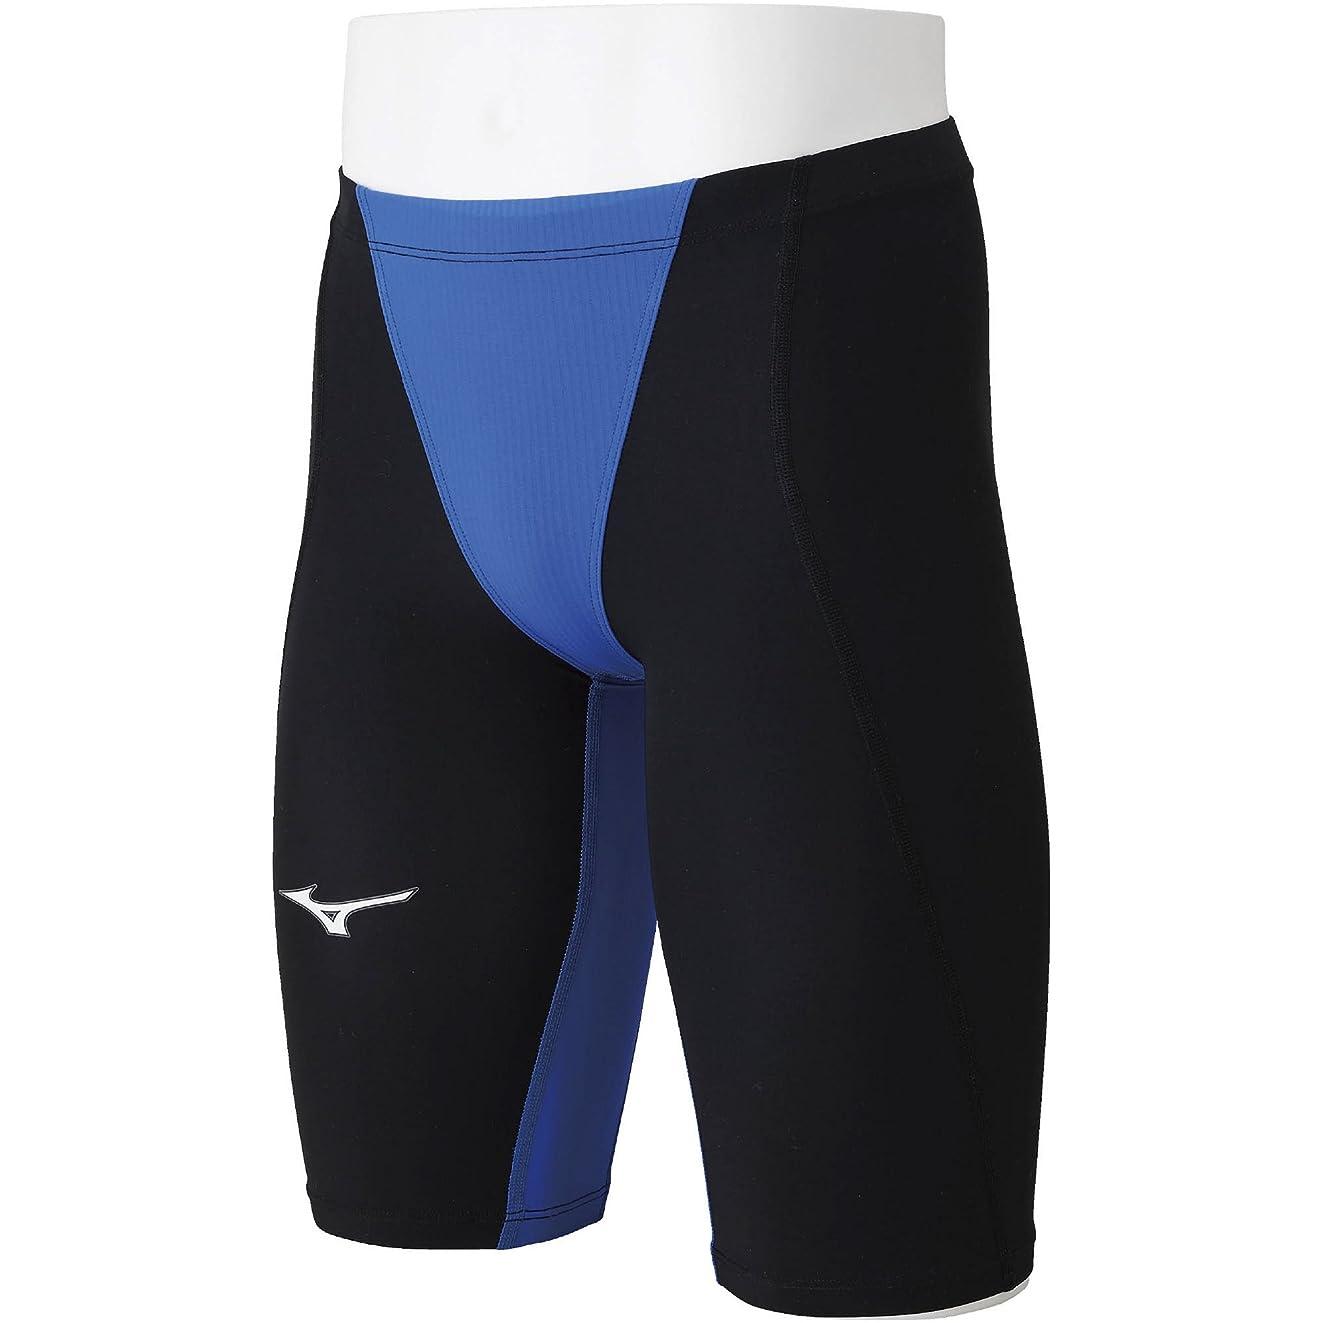 びっくりした見せます福祉Speedo(スピード) メンズ トレーニング用 競泳水着 ハーフスパッツ スパッツ SD86S01